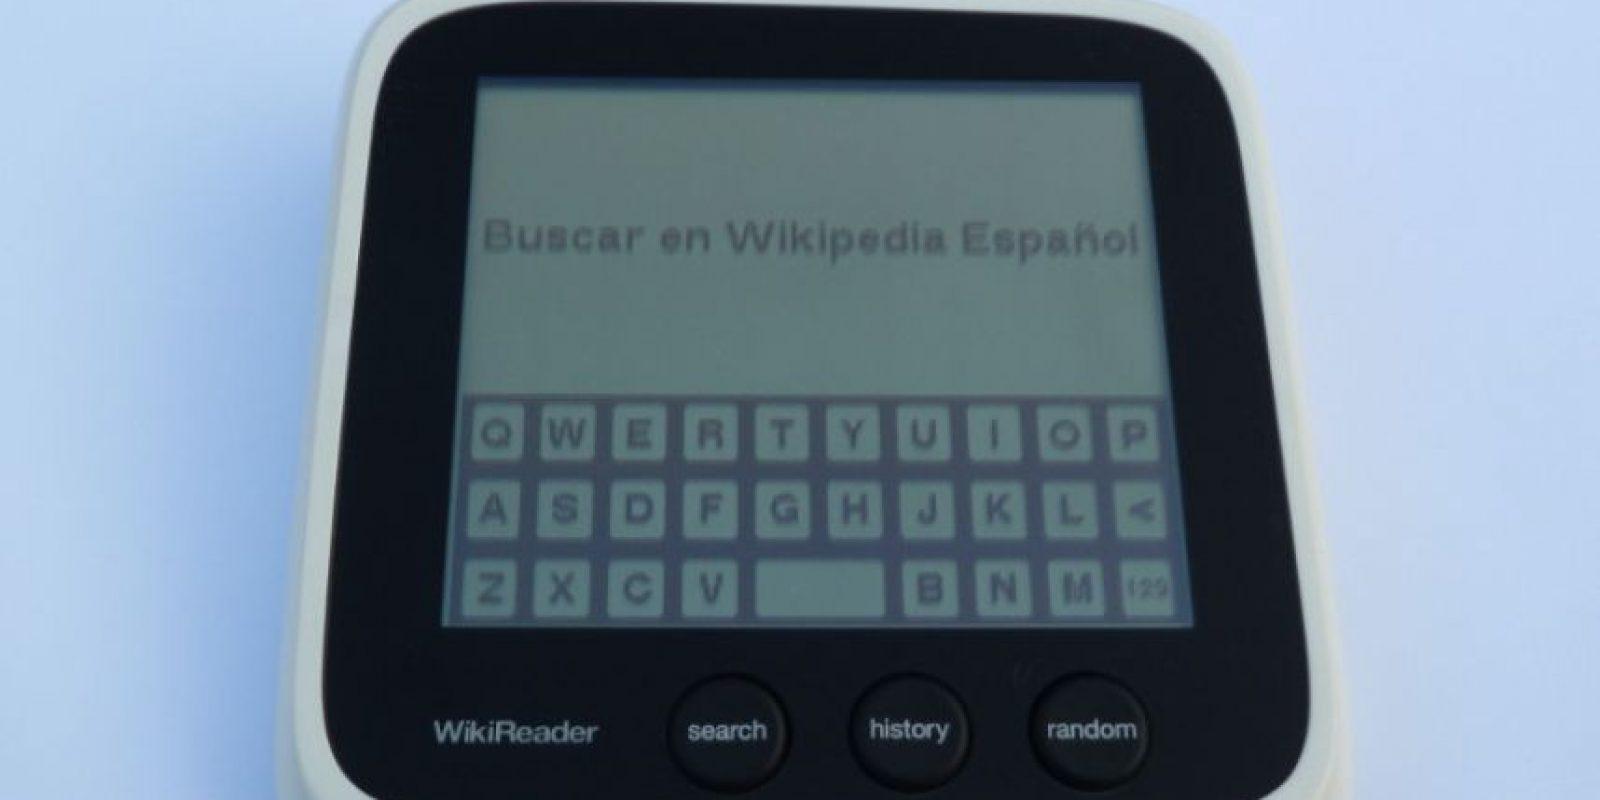 También se han registrado nuevos dispositivos como el WikiReader, un dispositivo móvil que permite al usuario consultar distintas fuentes de información sin necesidad de contar con conexión a Internet Foto:Wikimedia Commons